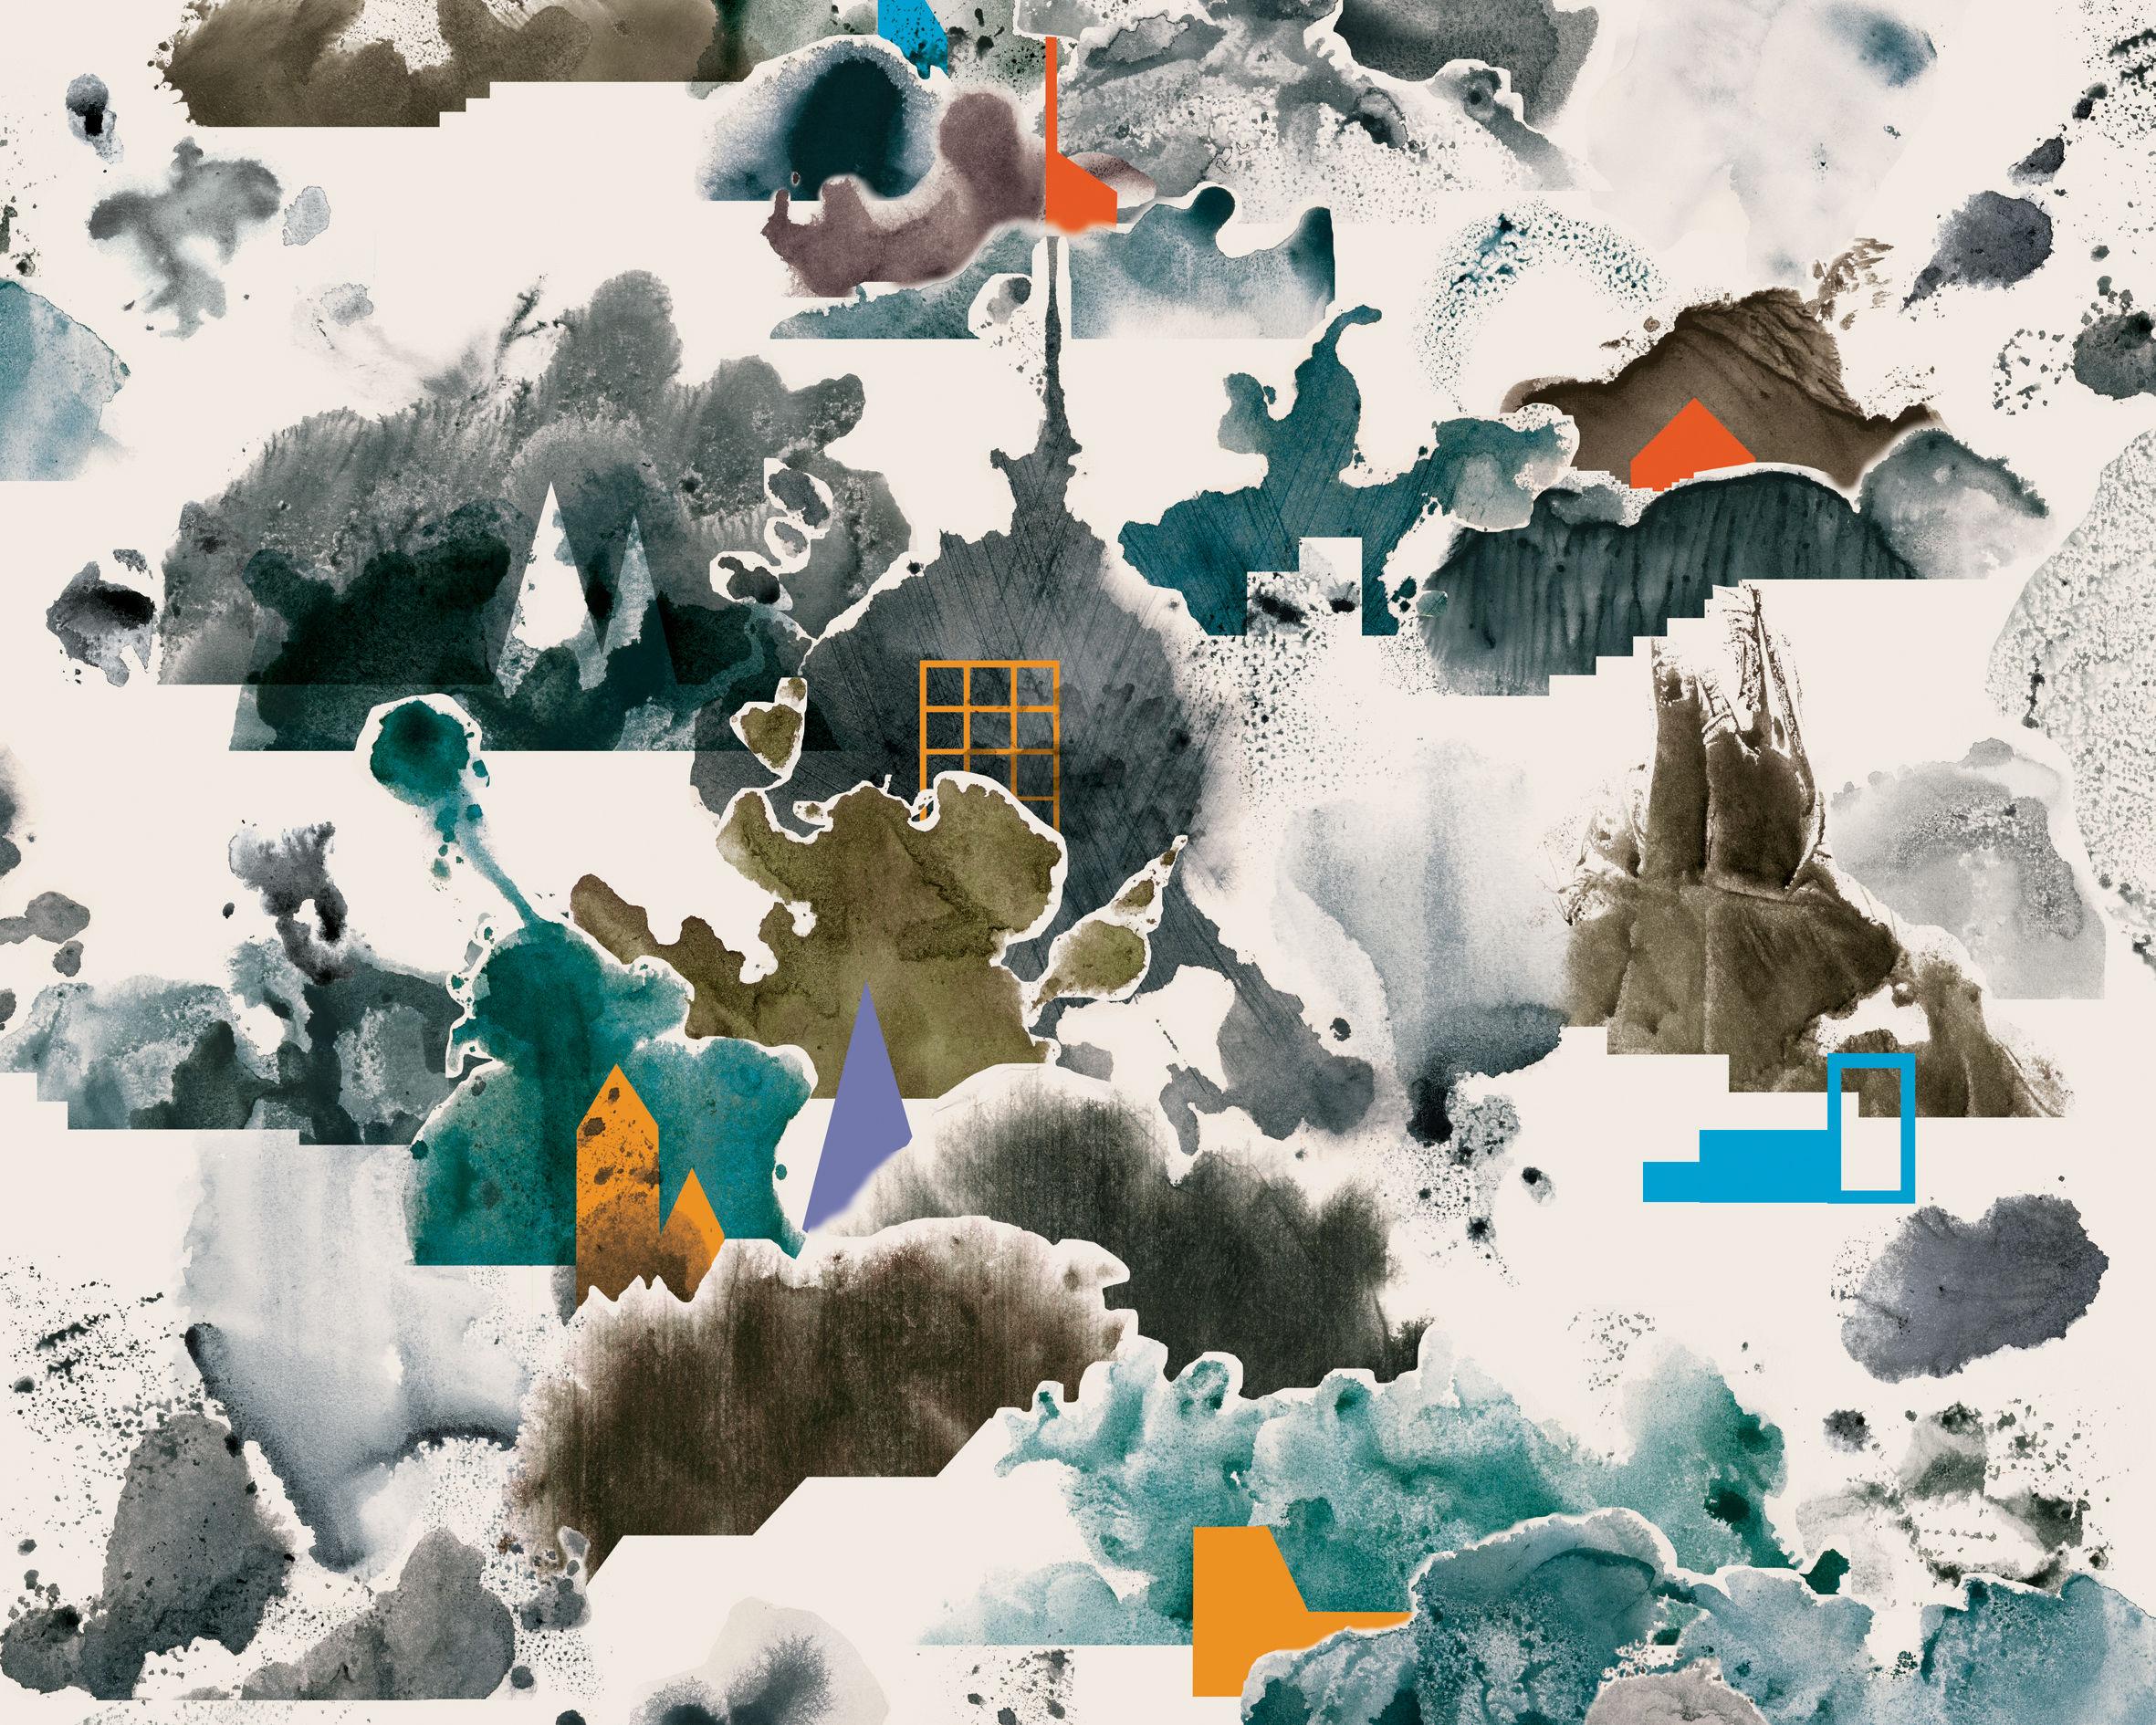 Dekoration - Stickers und Tapeten - WallpaperLab Fog Panorama-Tapete / 8 Bahnen - limitierte Auflage - Domestic - Fog / mehrfarbig - imprägniertes Papier